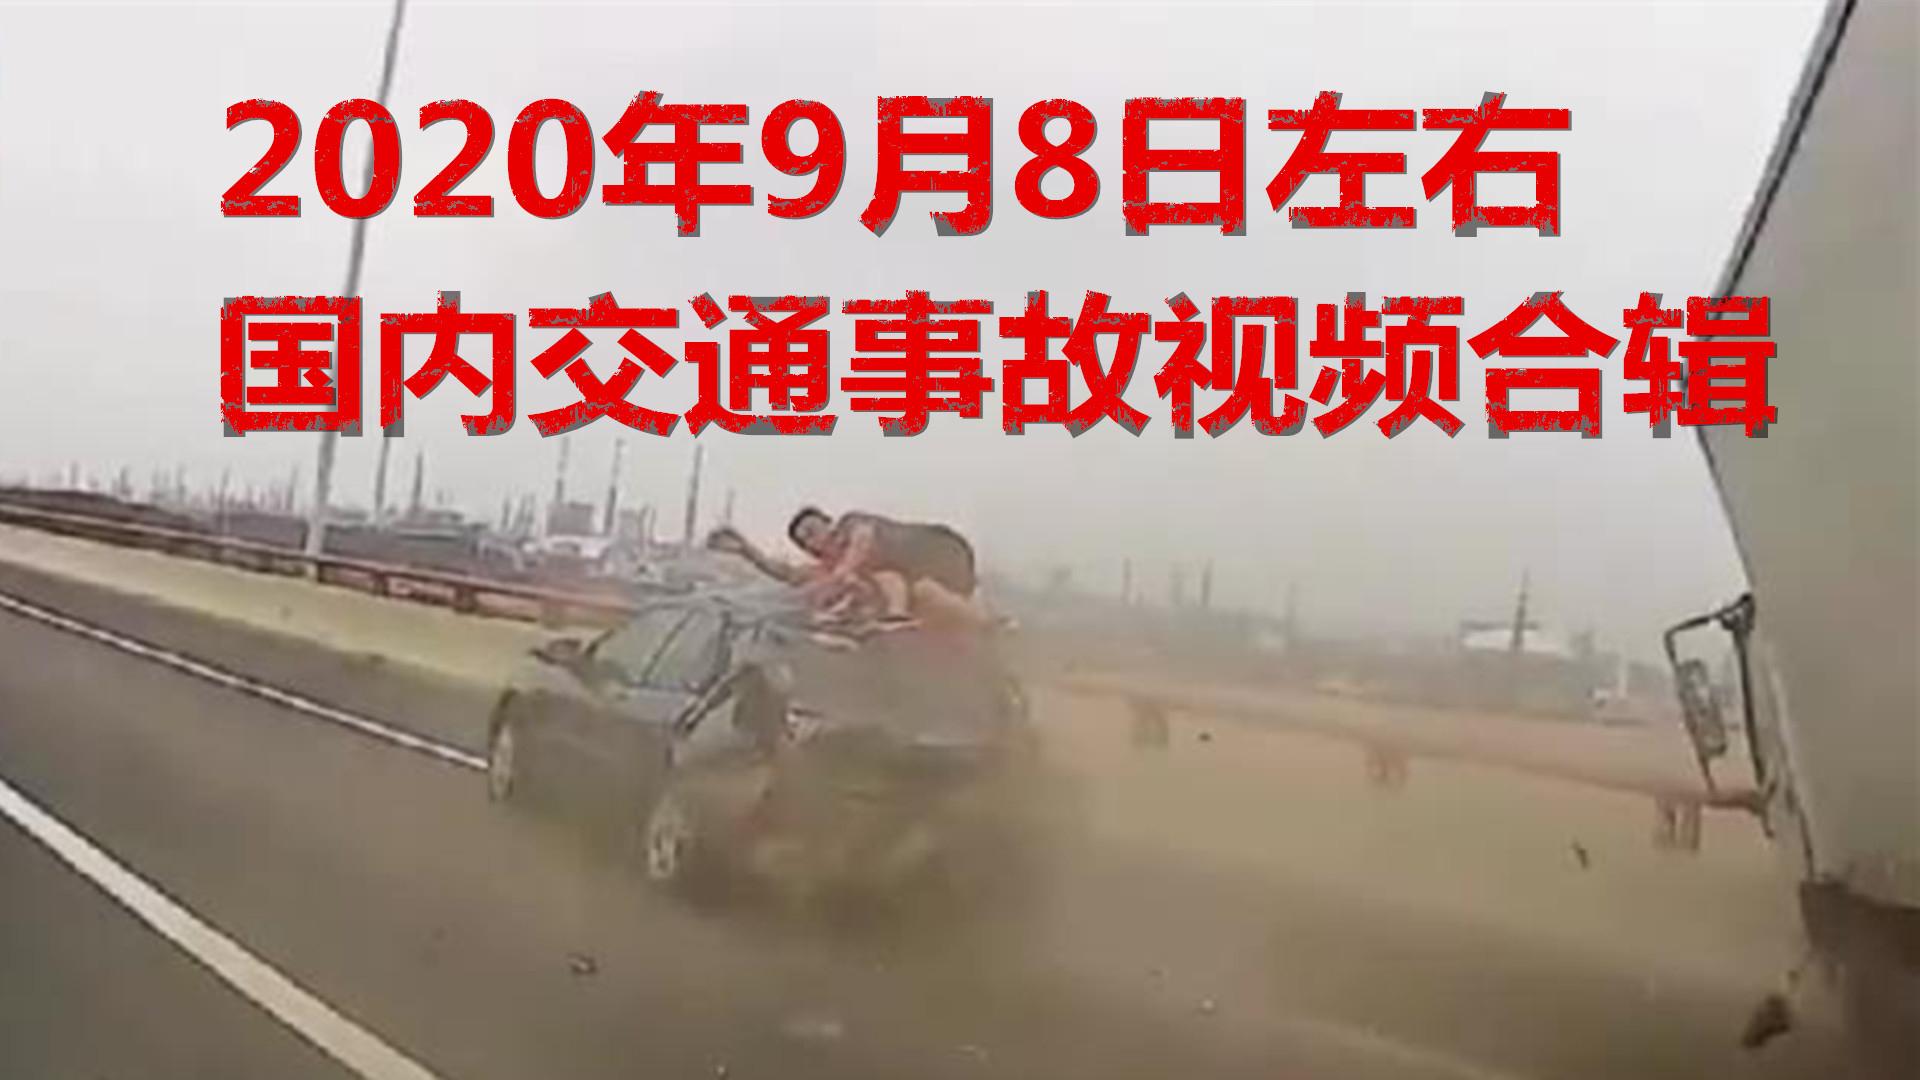 2020年9月8日左右国内交通事故视频合辑(男子高速被追尾困在车中直喊救命)